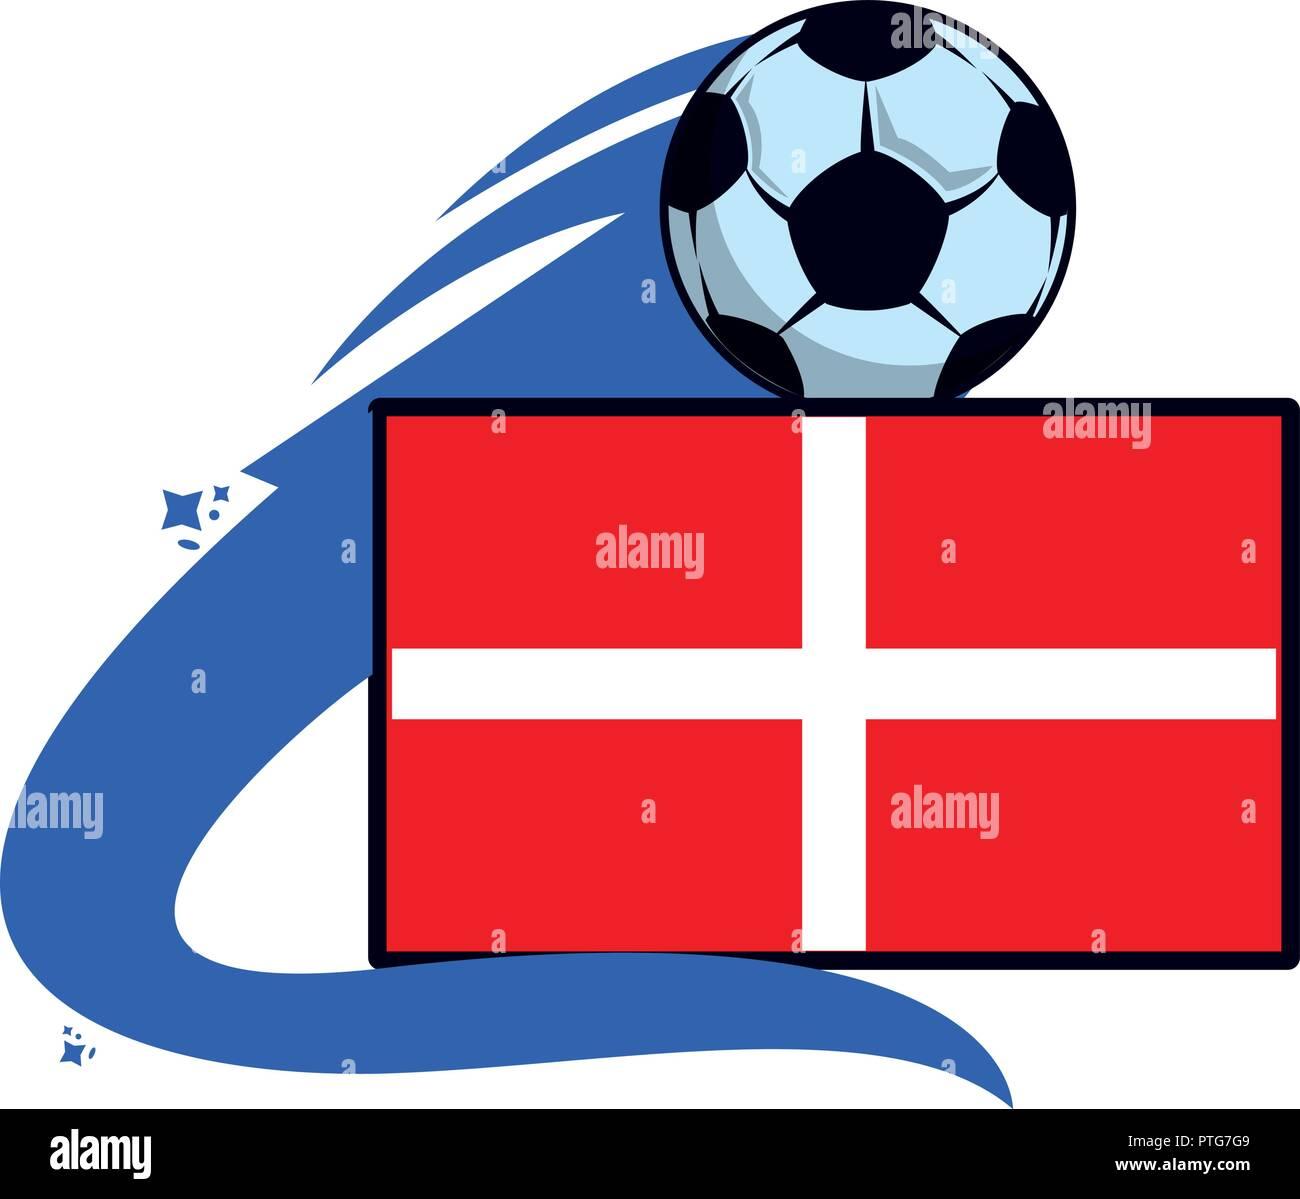 Dinamarca bandera emblema soccer Ilustración del Vector